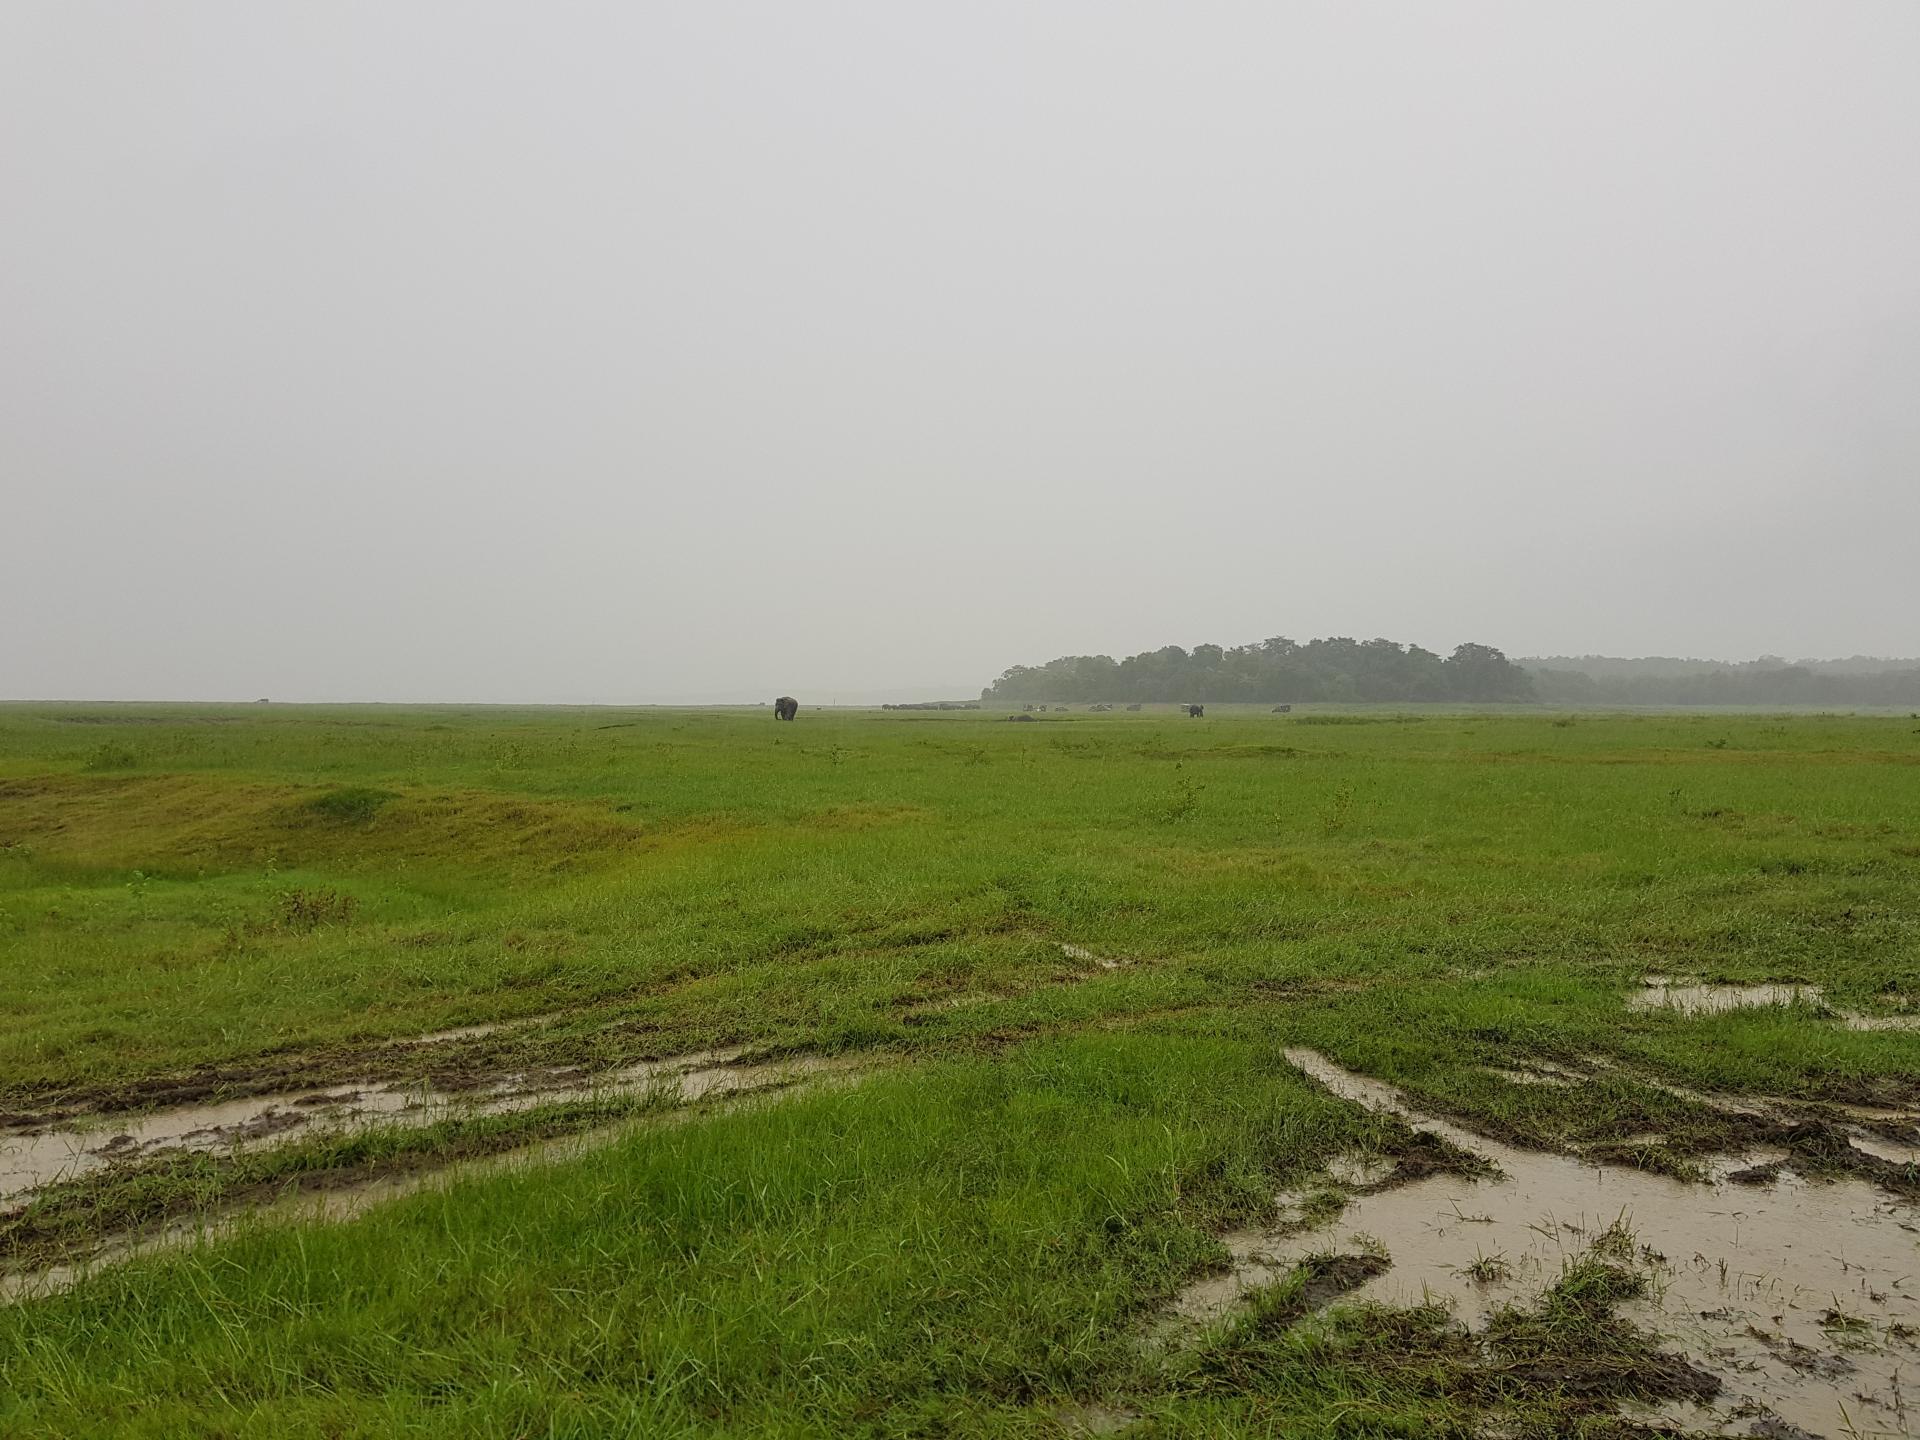 Национальный парк Каудулла, Шри-Ланка.